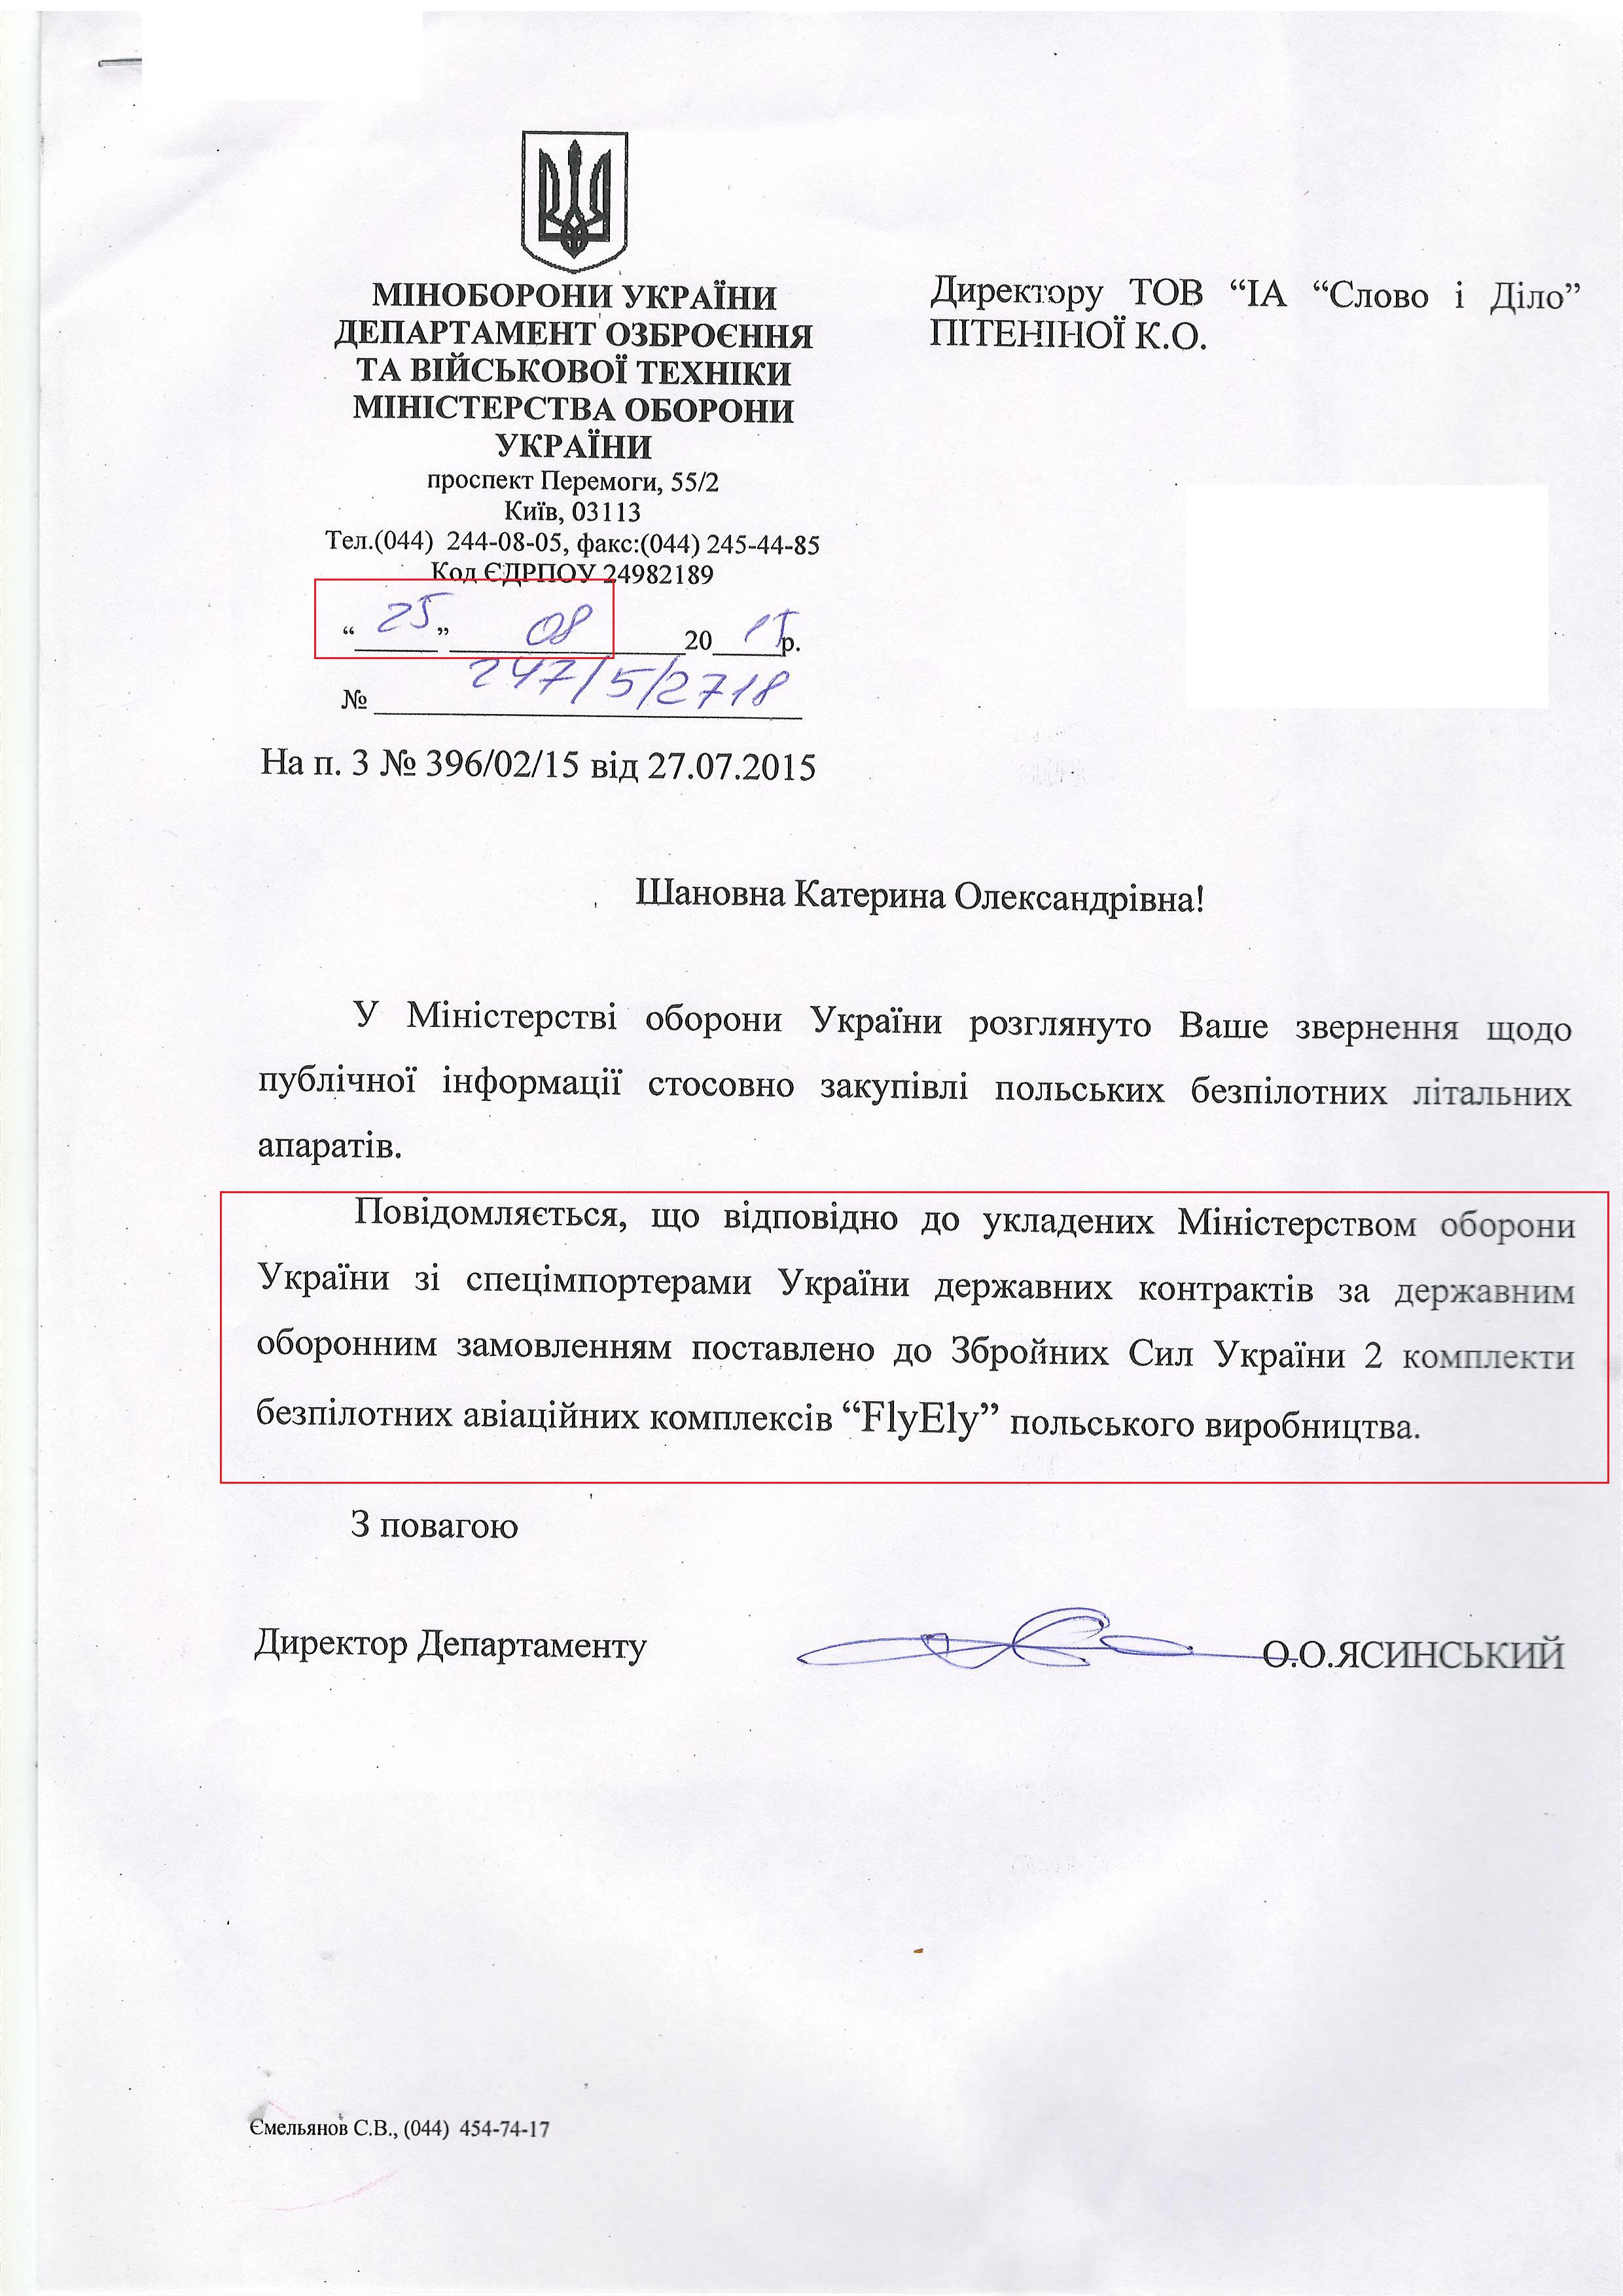 Как сделать запрос в министерство обороны украины